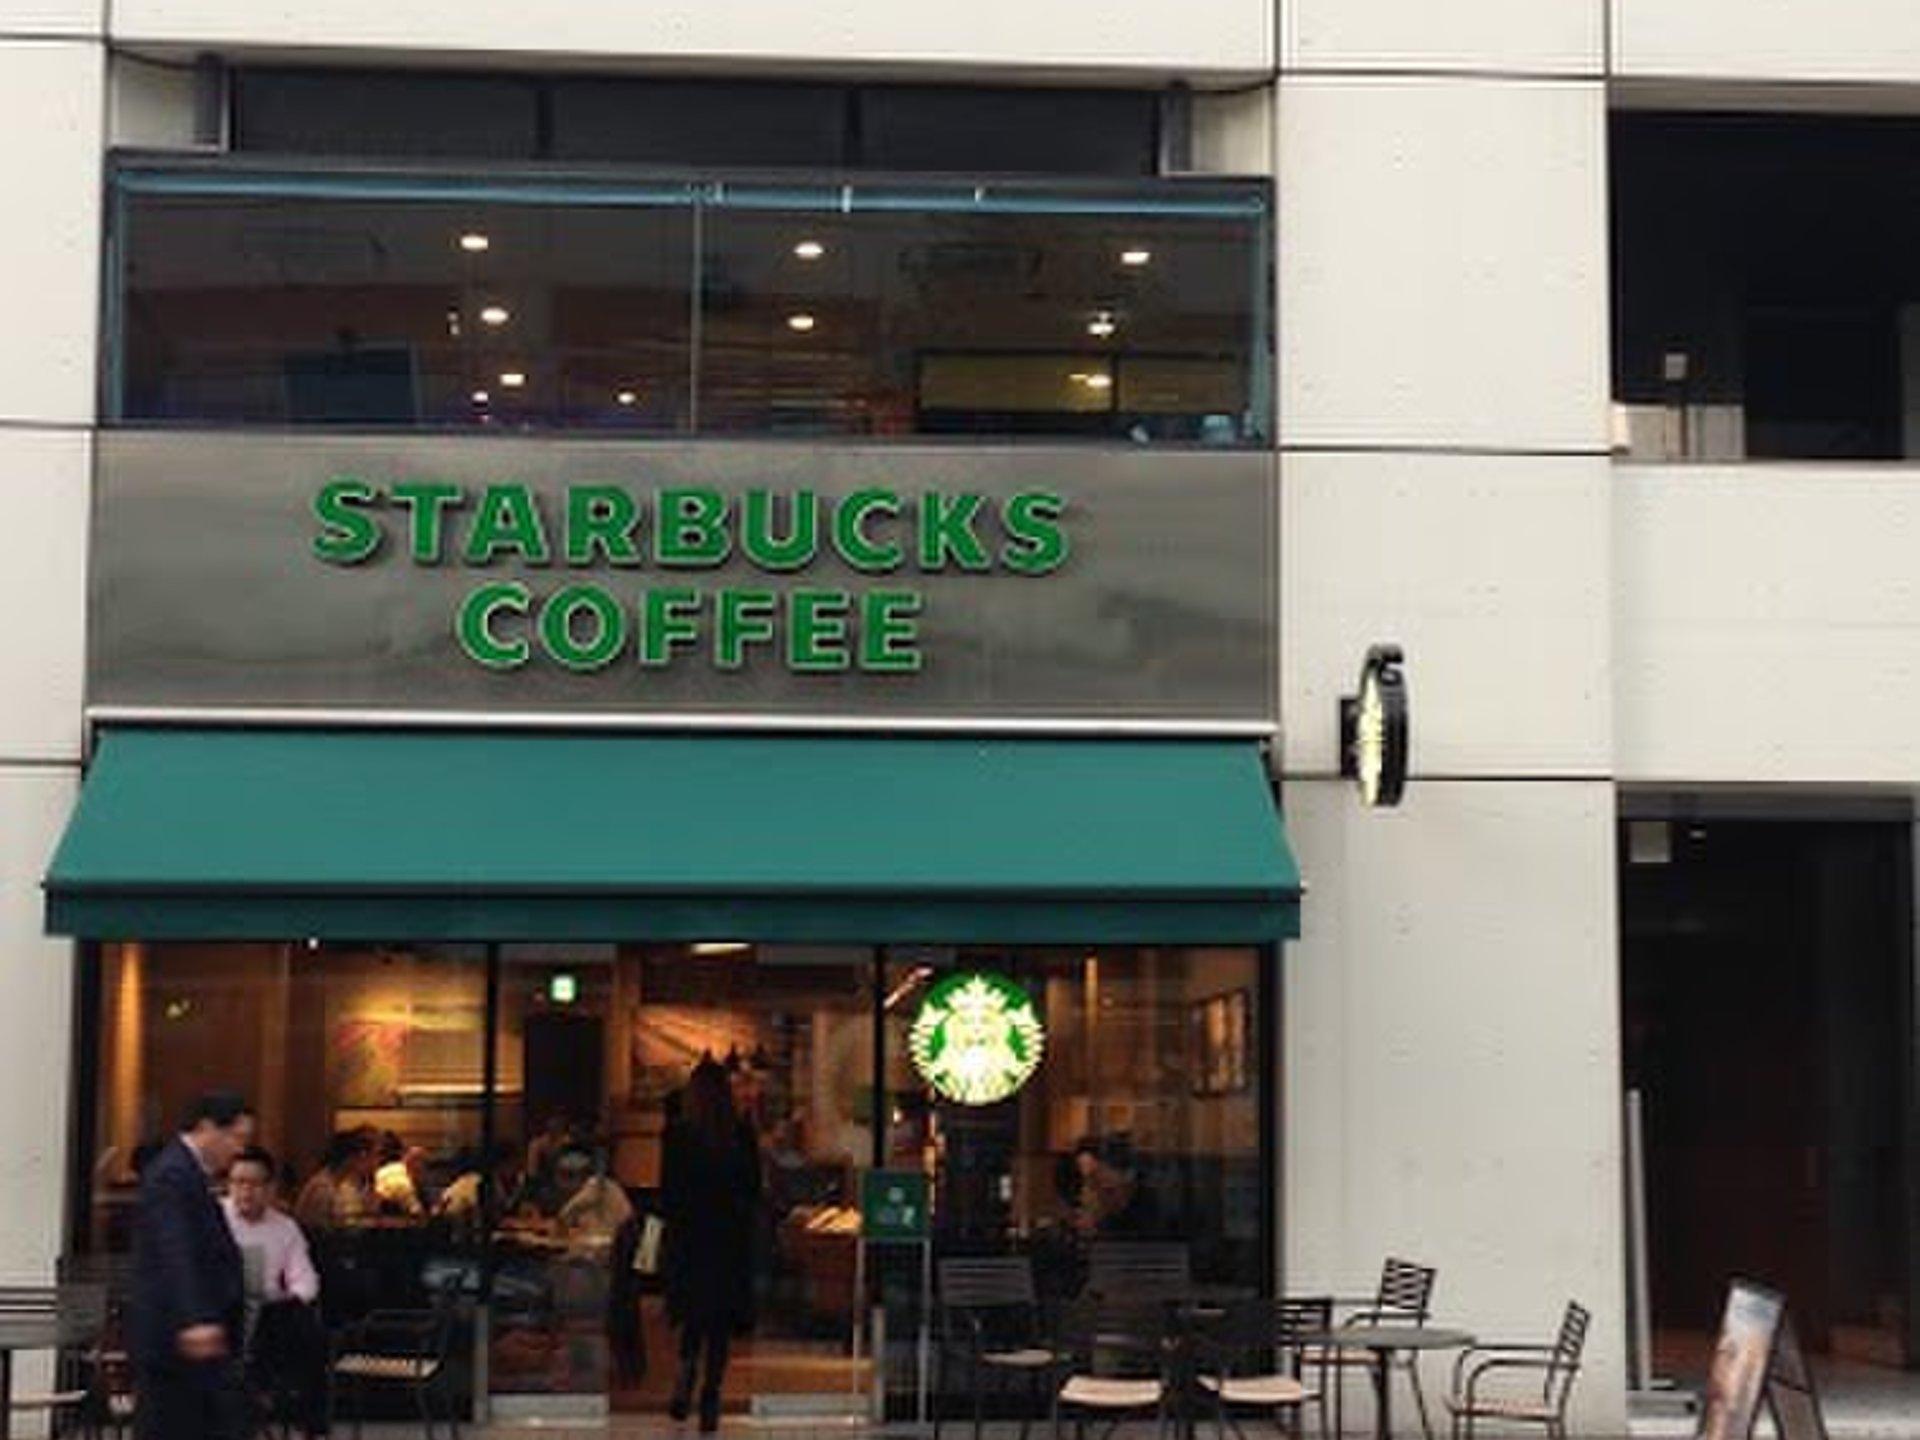 横浜駅付近のカフェ!混まないおすすめ穴場カフェ3選!勉強や打ち合わせにおすすめ!